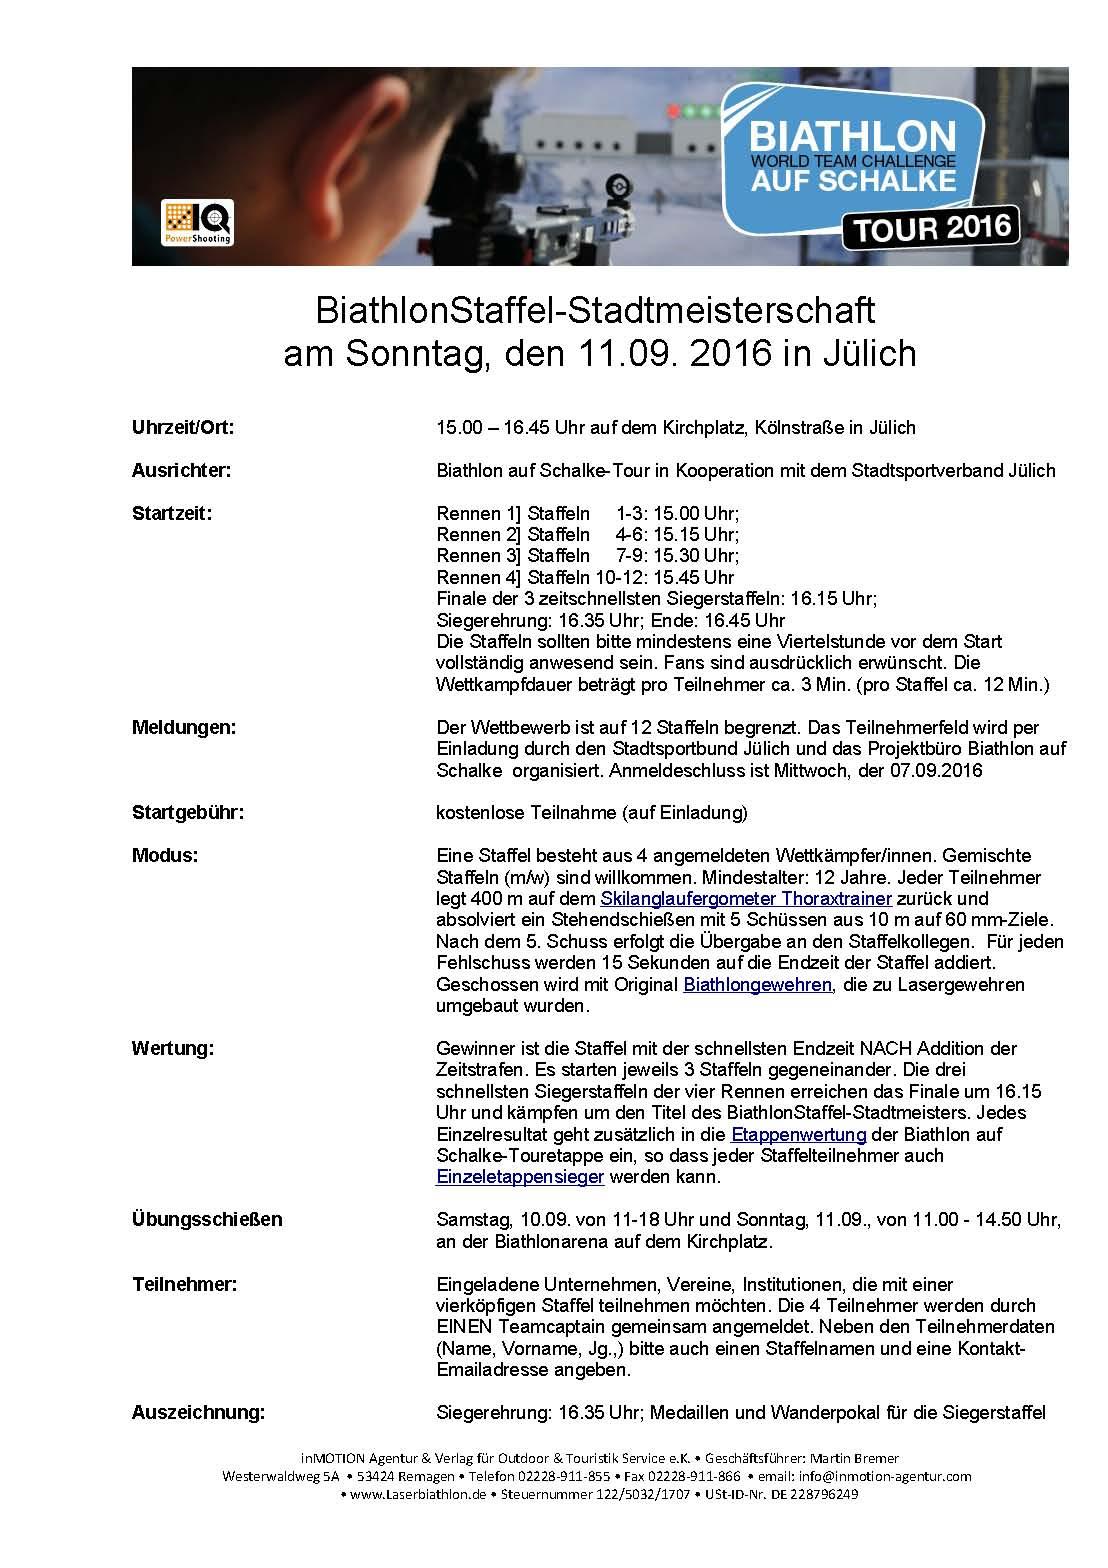 Biathlonstaffel_Stadtmeisterschaft_11_09_2016_Juelich_Seite_1